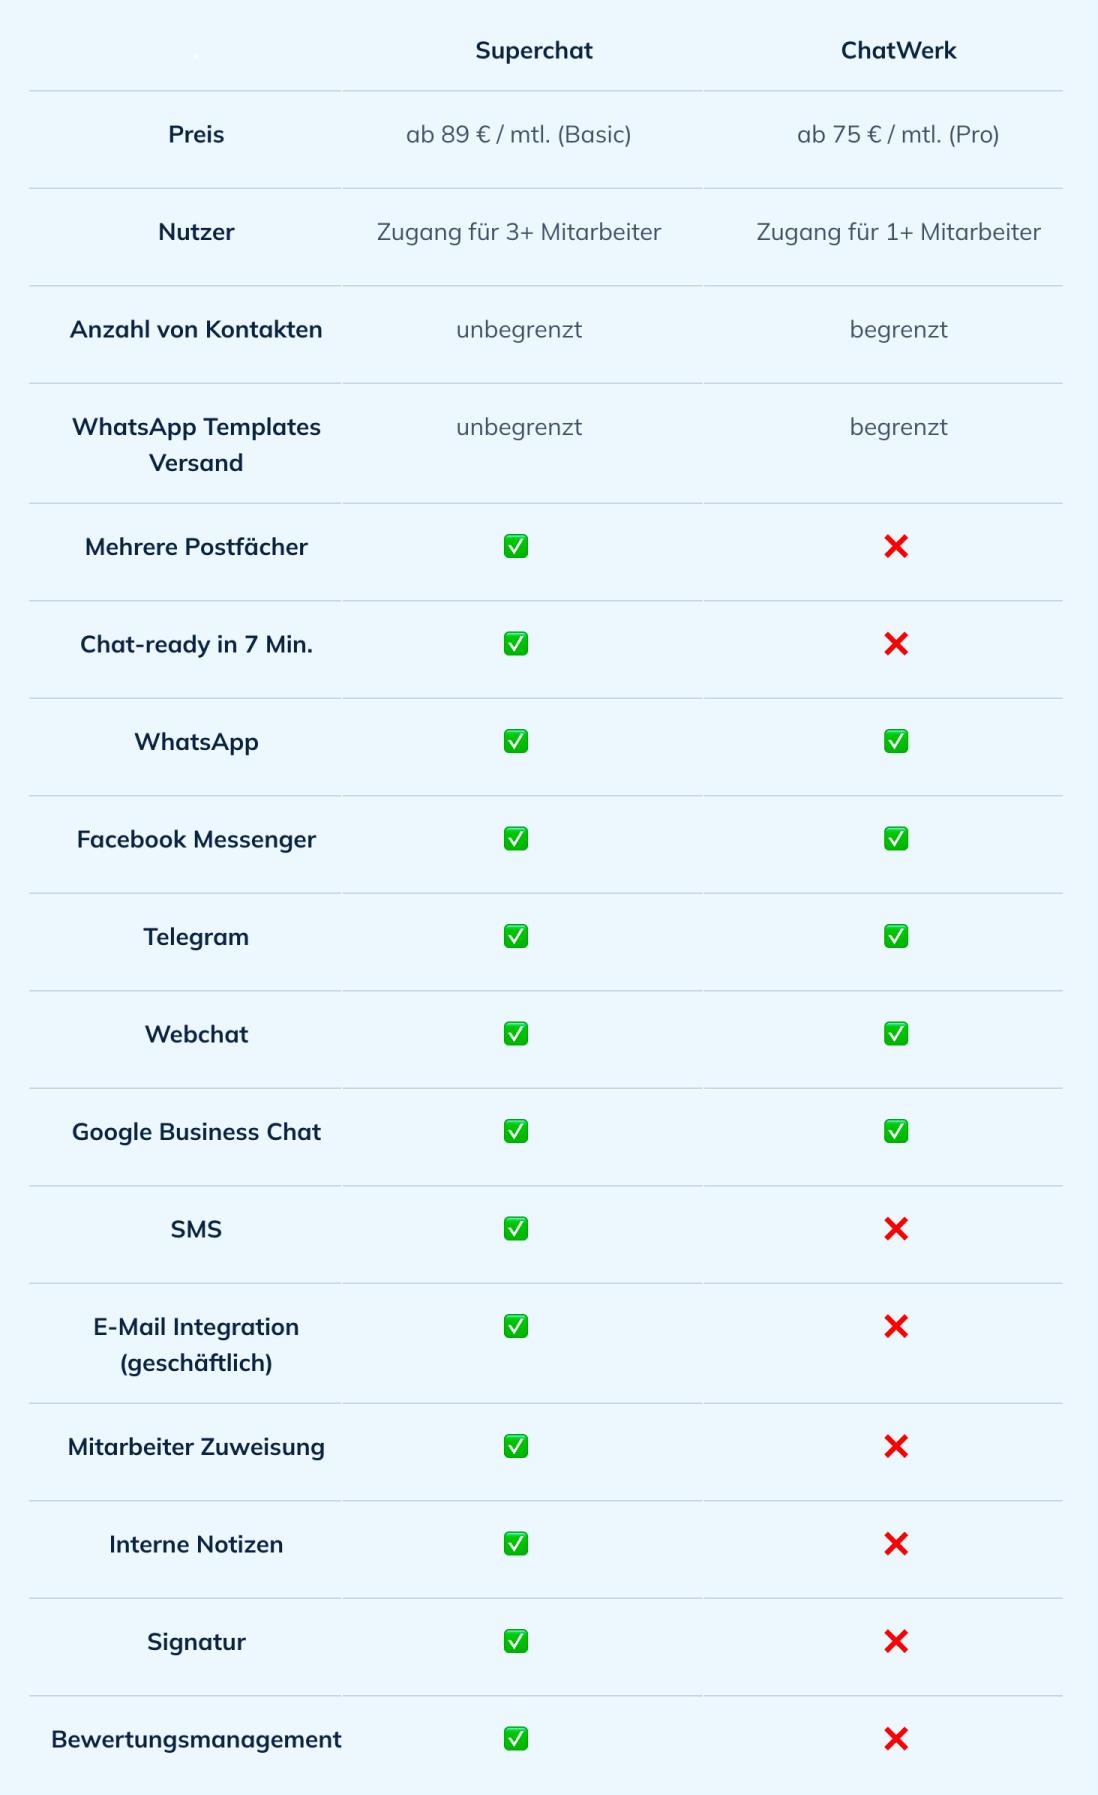 Superchat vs. ChatWerk im Vergleich